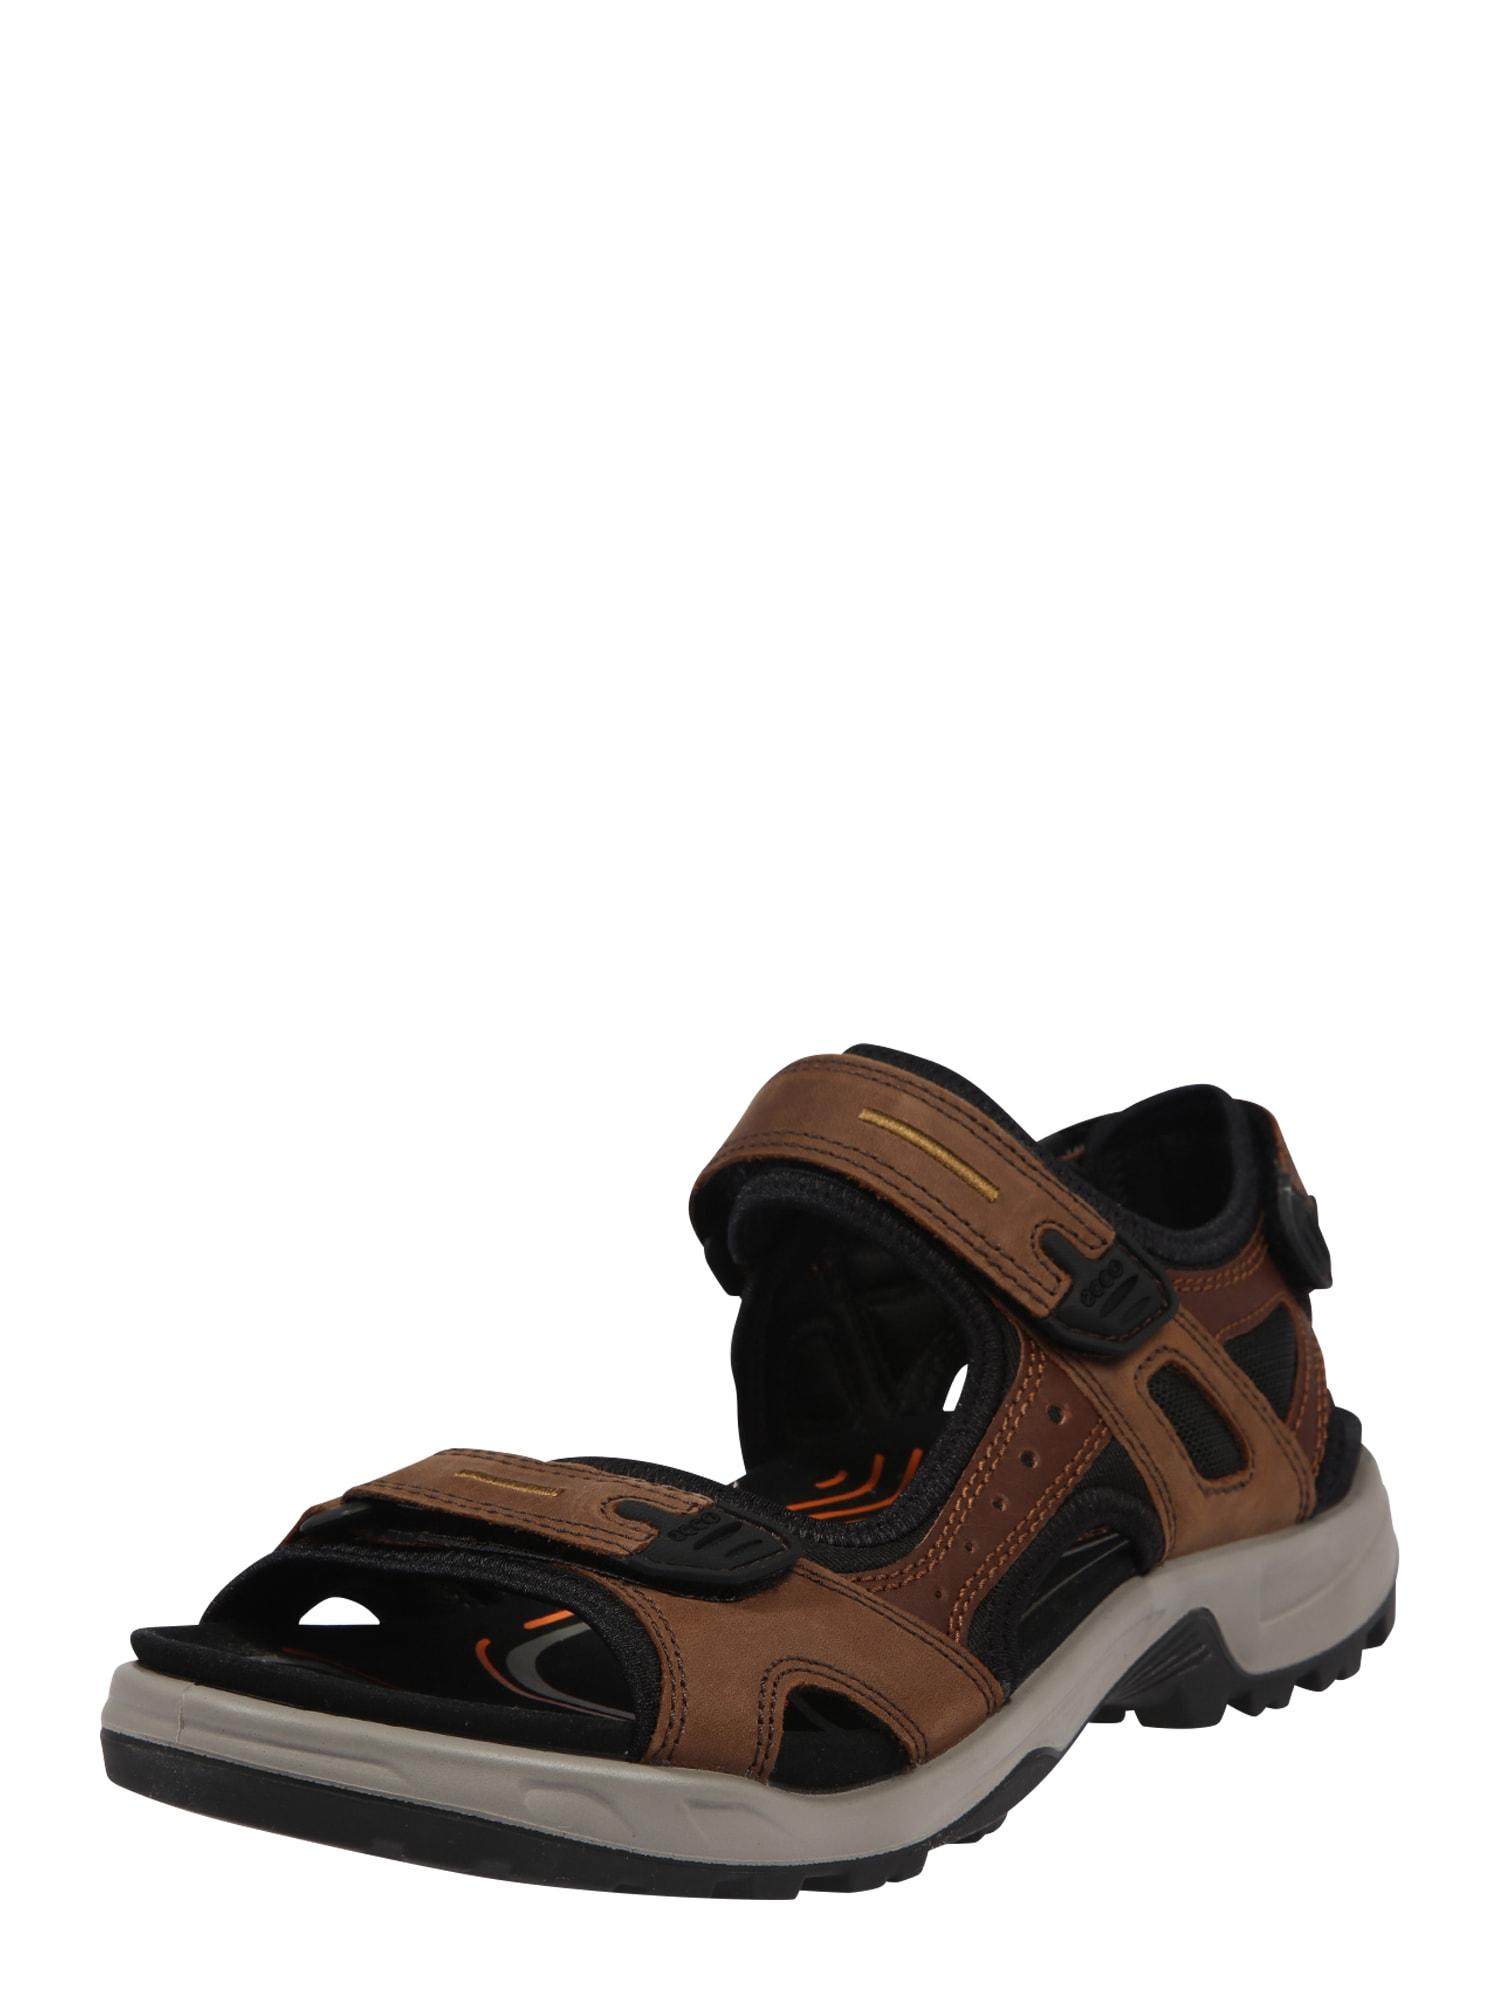 ECCO Sportinio tipo sandalai ruda